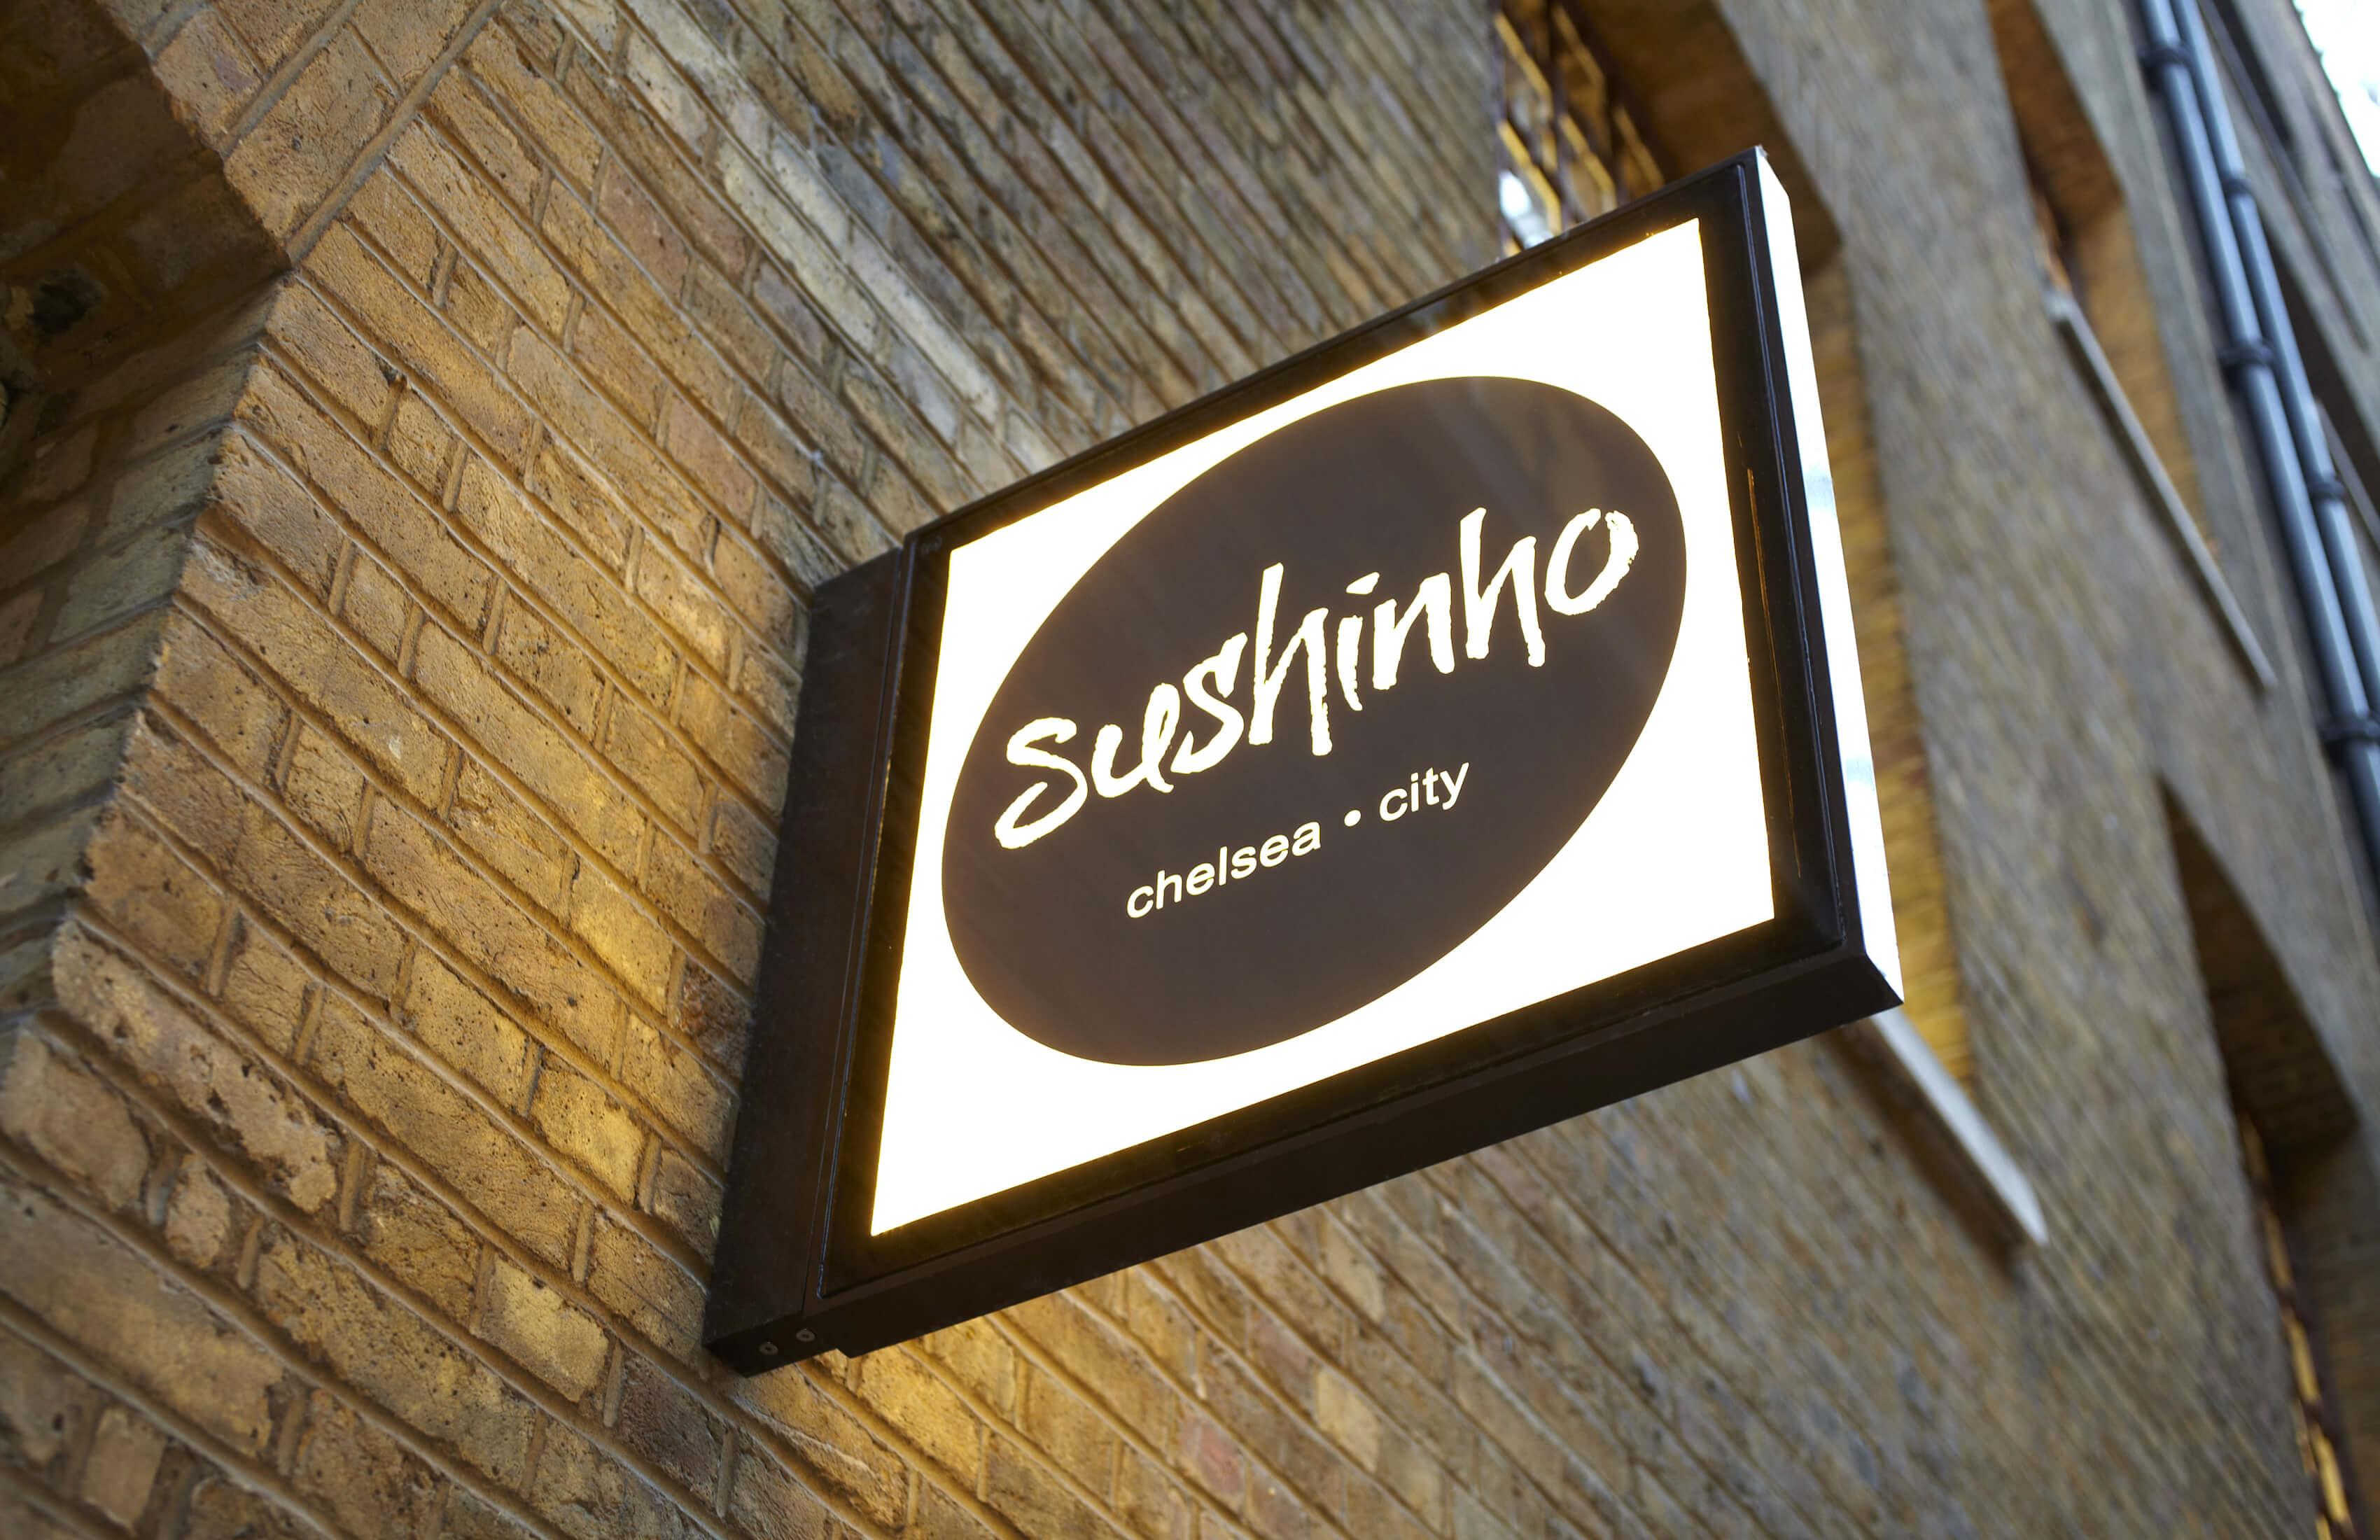 Sushinho City signage